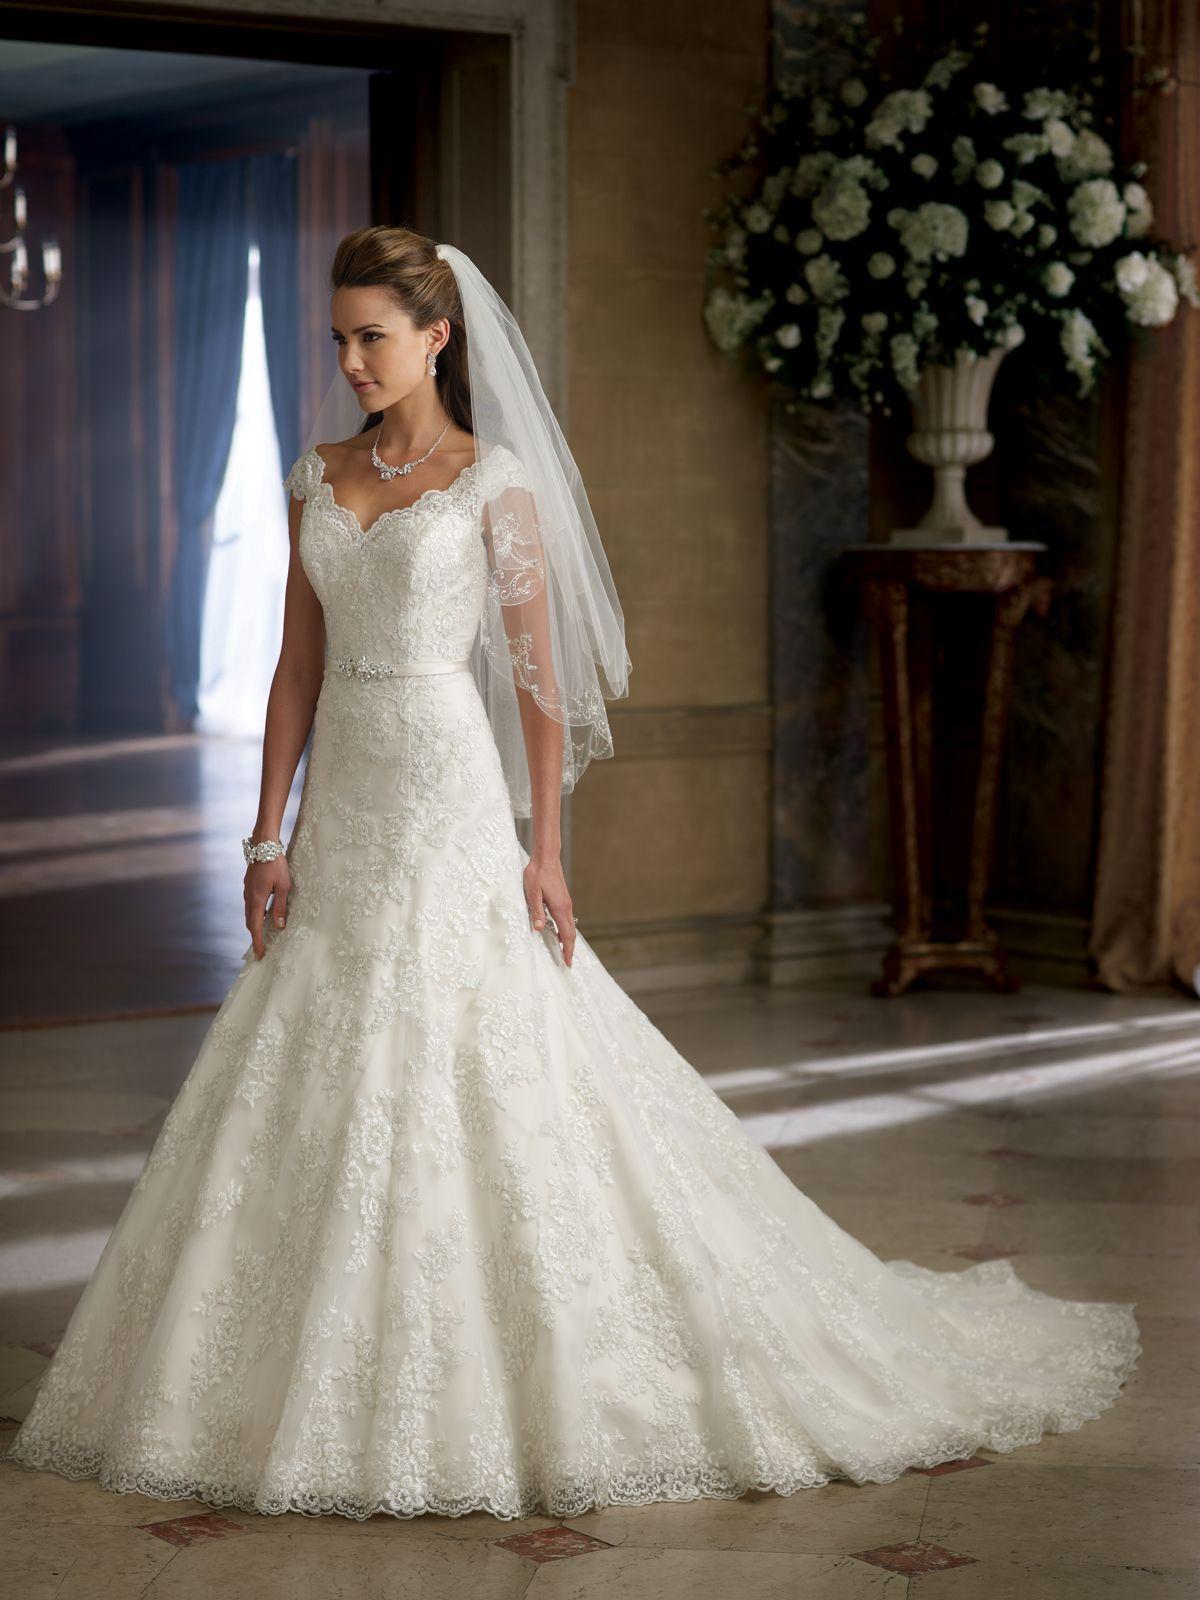 Tutti Sposa Vestido De Noiva Roupa Casamento E Vestidos De